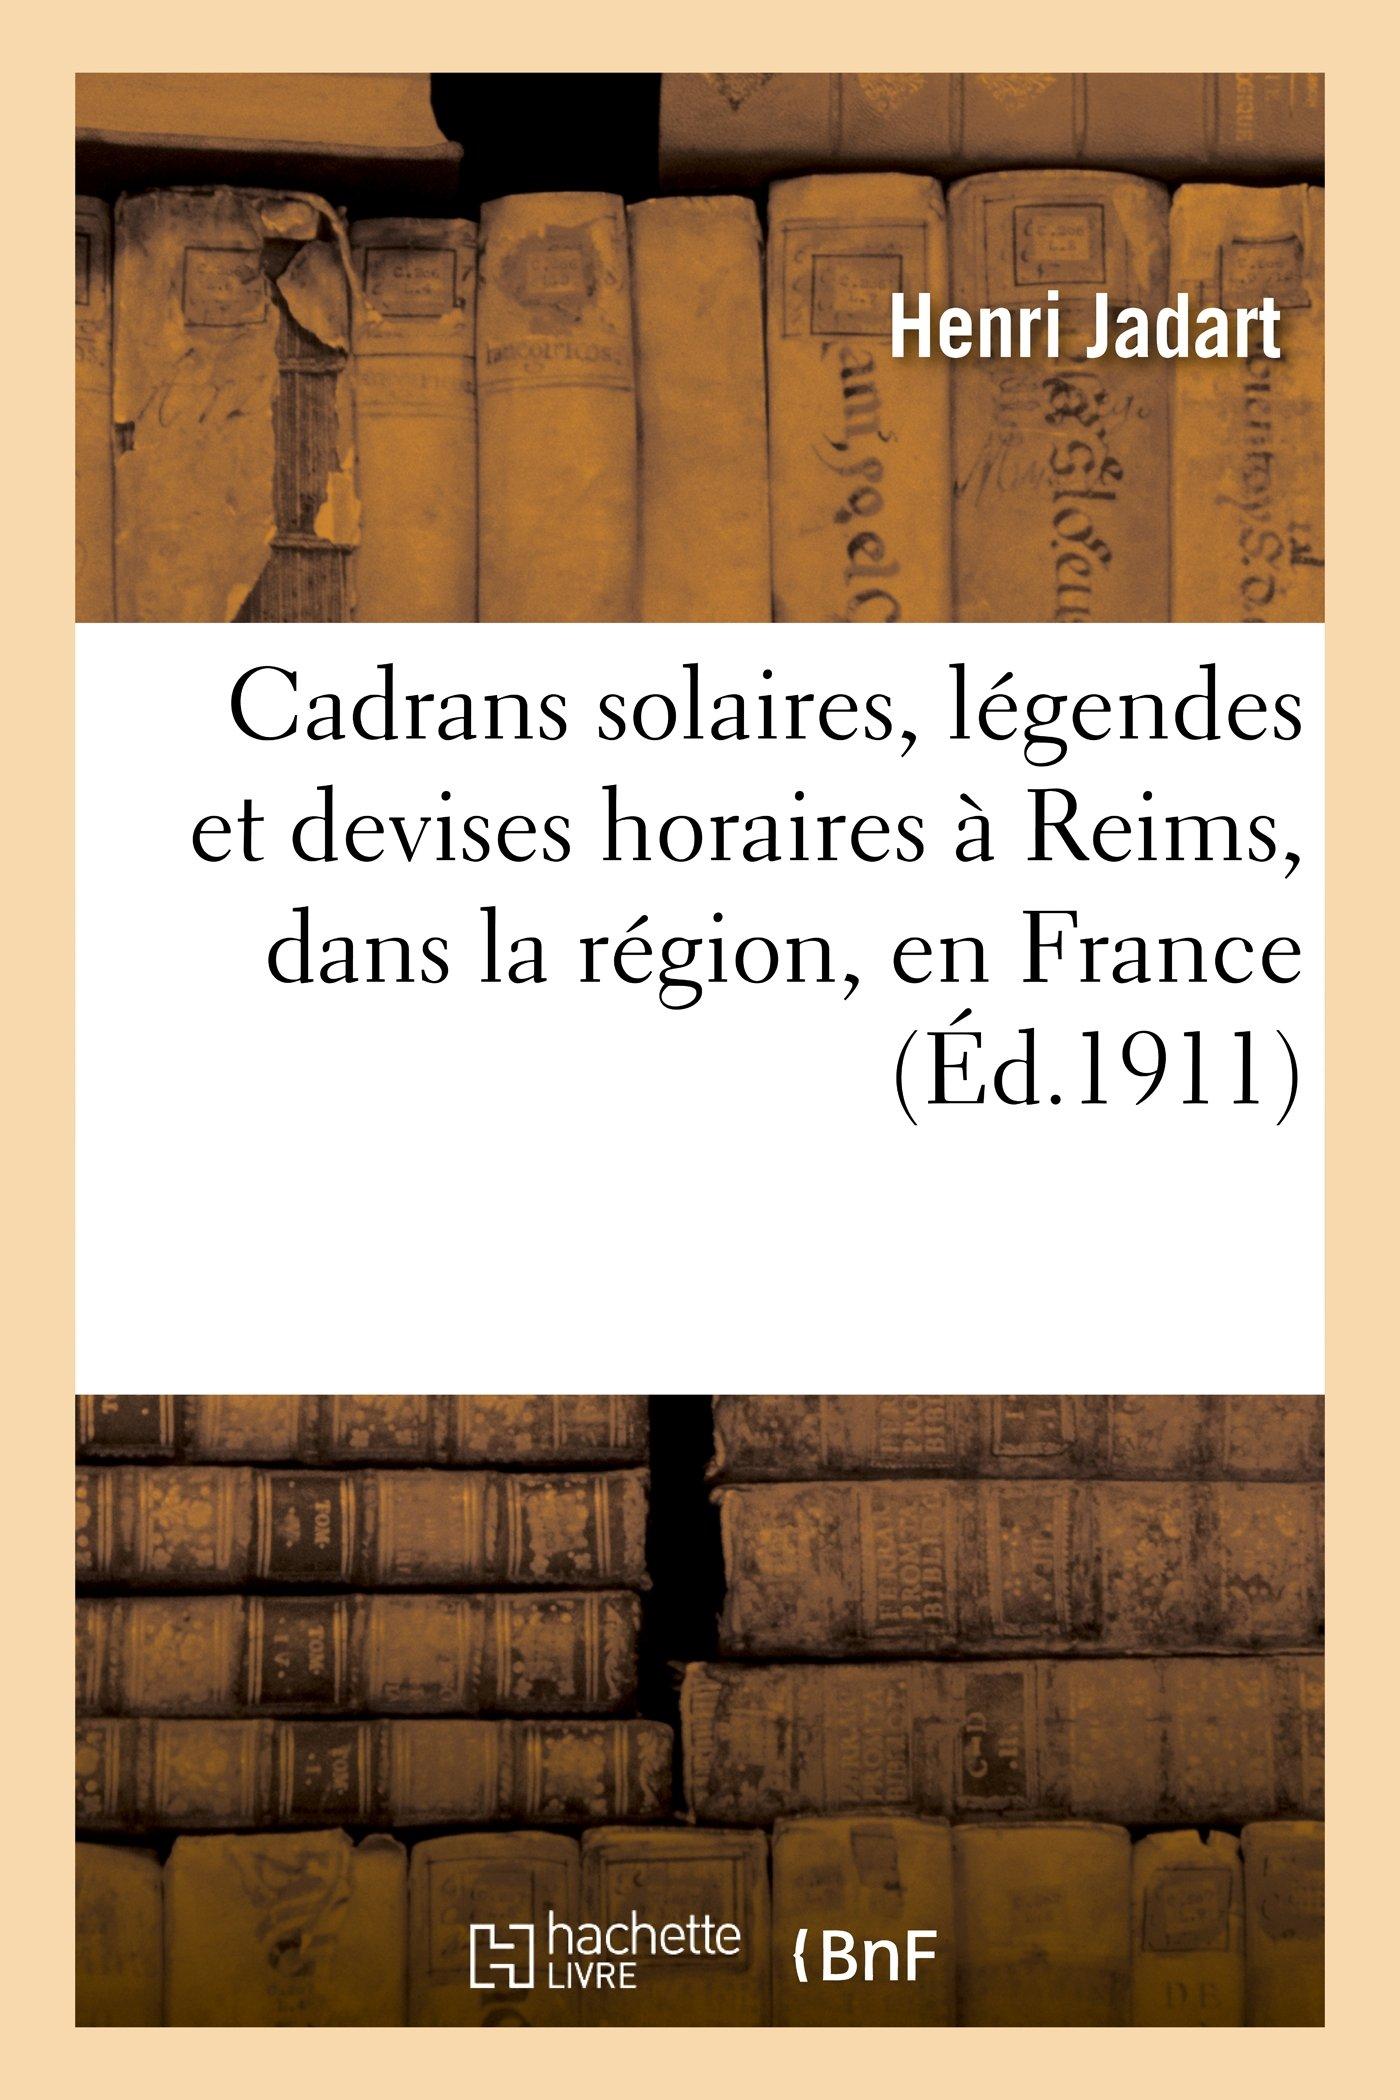 Cadrans Solaires, Legendes Et Devises Horaires a Reims, Dans La Region, En France (Savoirs Et Traditions) (French Edition) ebook